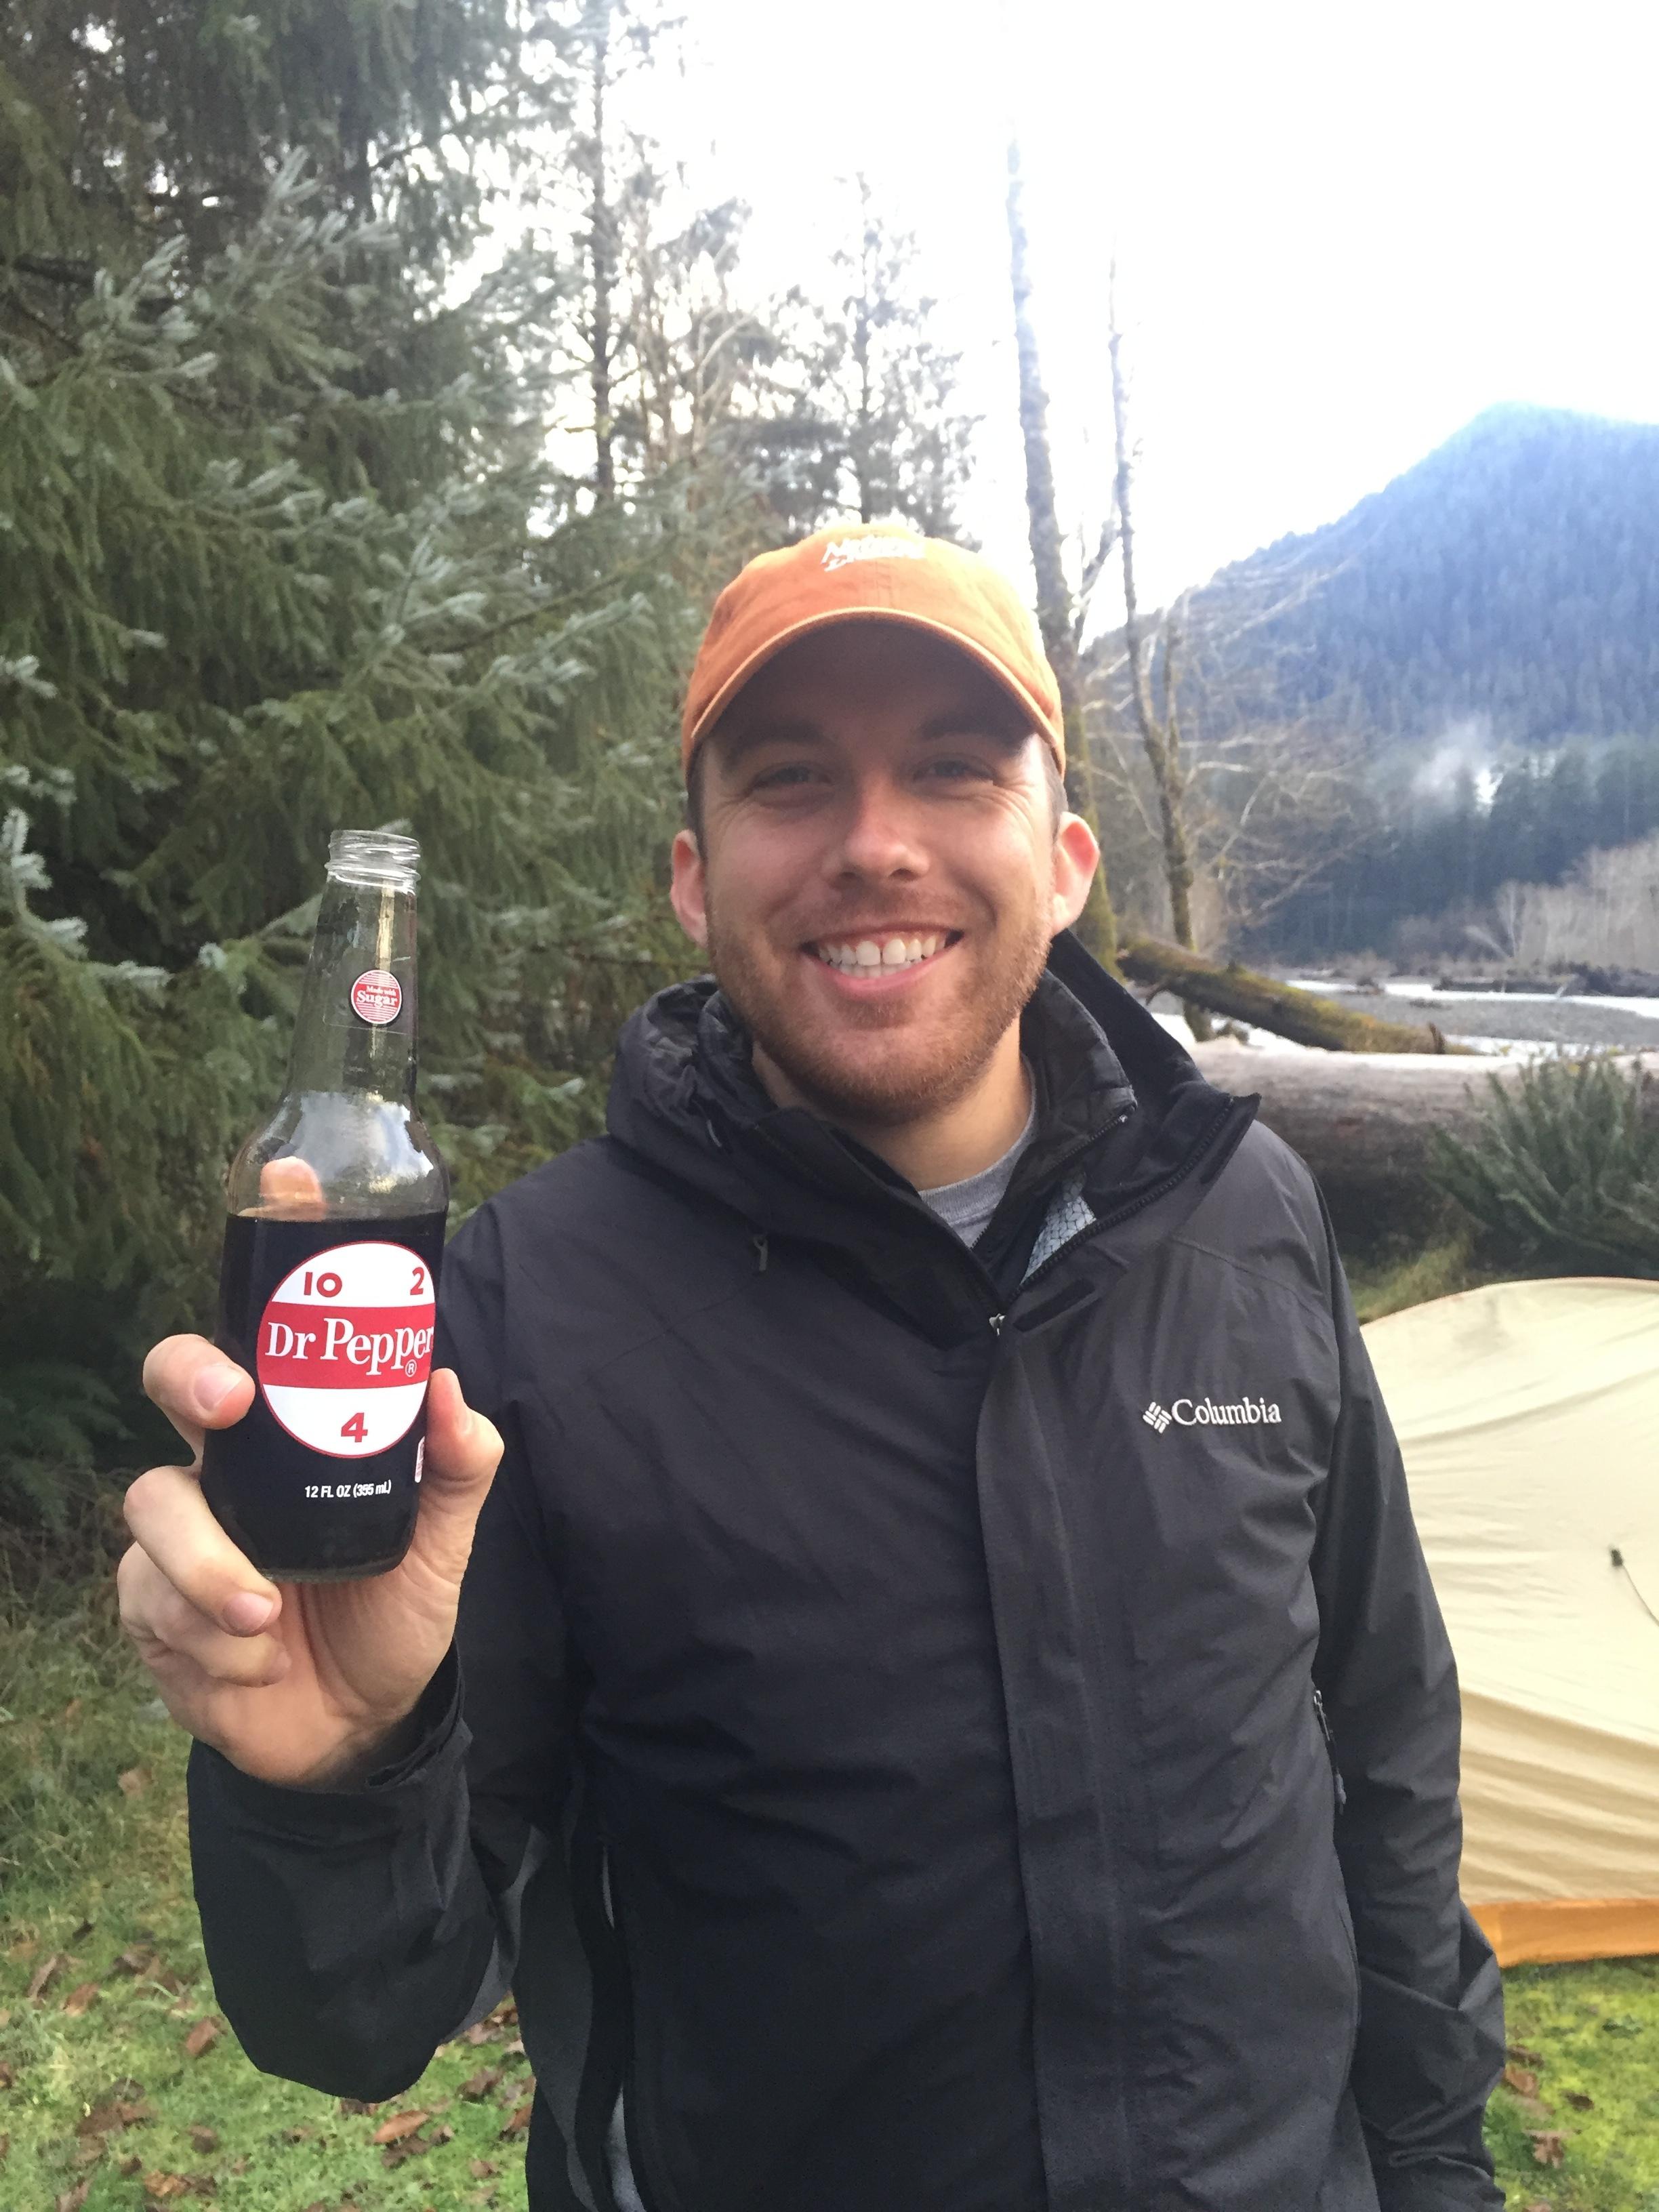 Jordan - sipping back on some light, refreshing Dr. Pepper